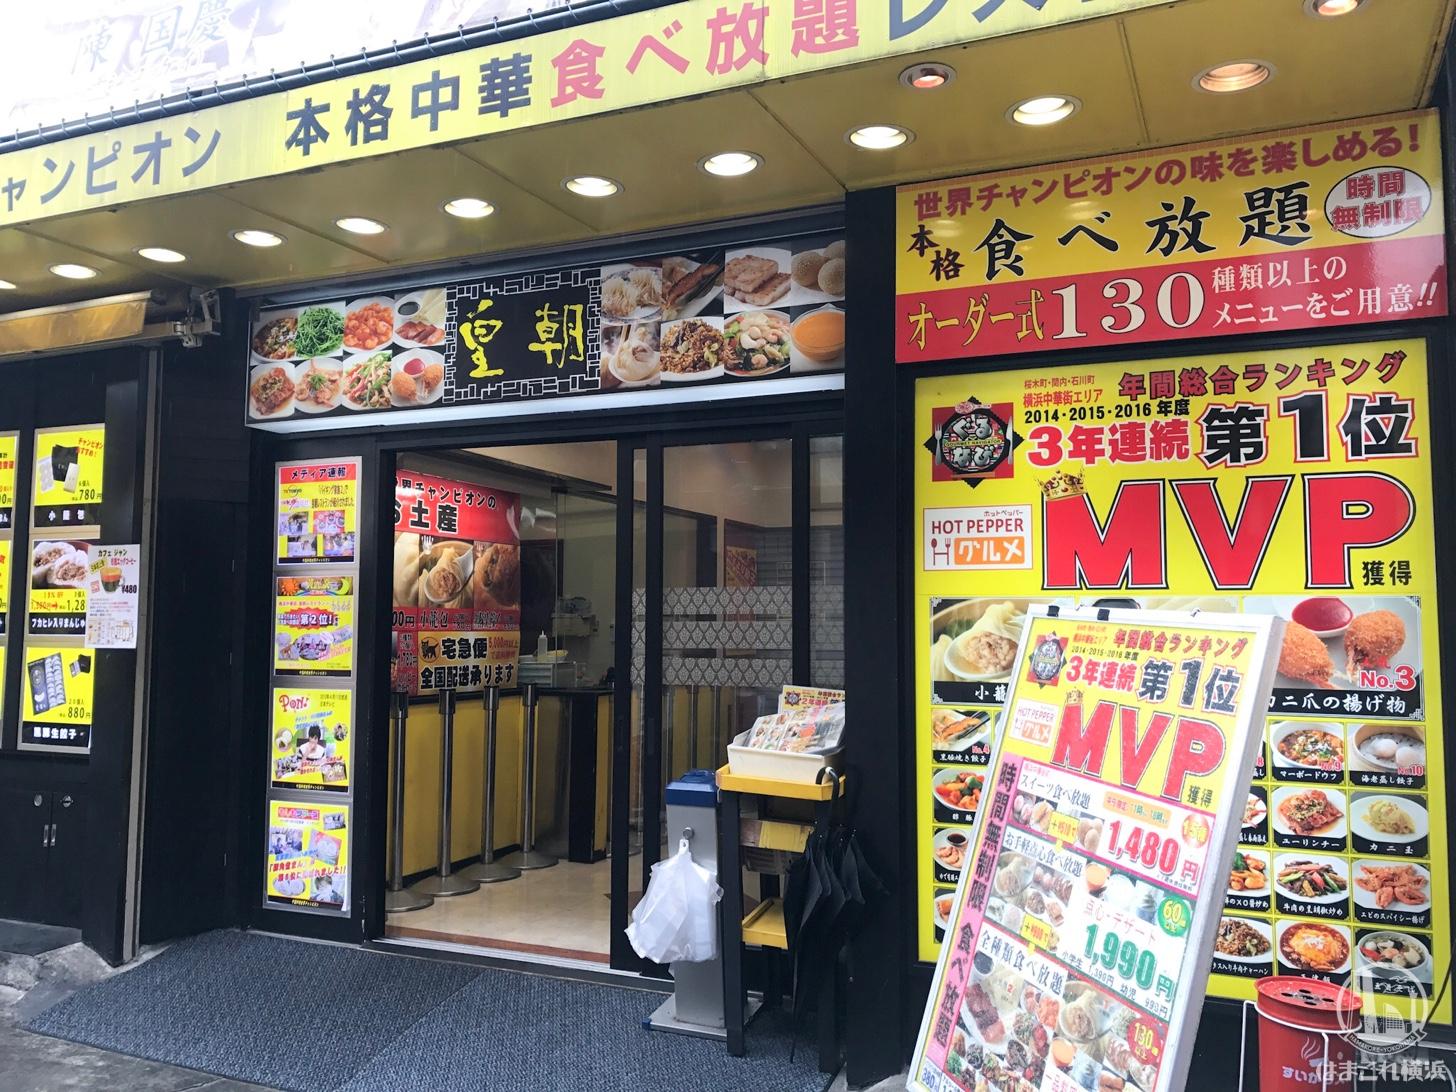 横浜中華街「皇朝」食べ放題